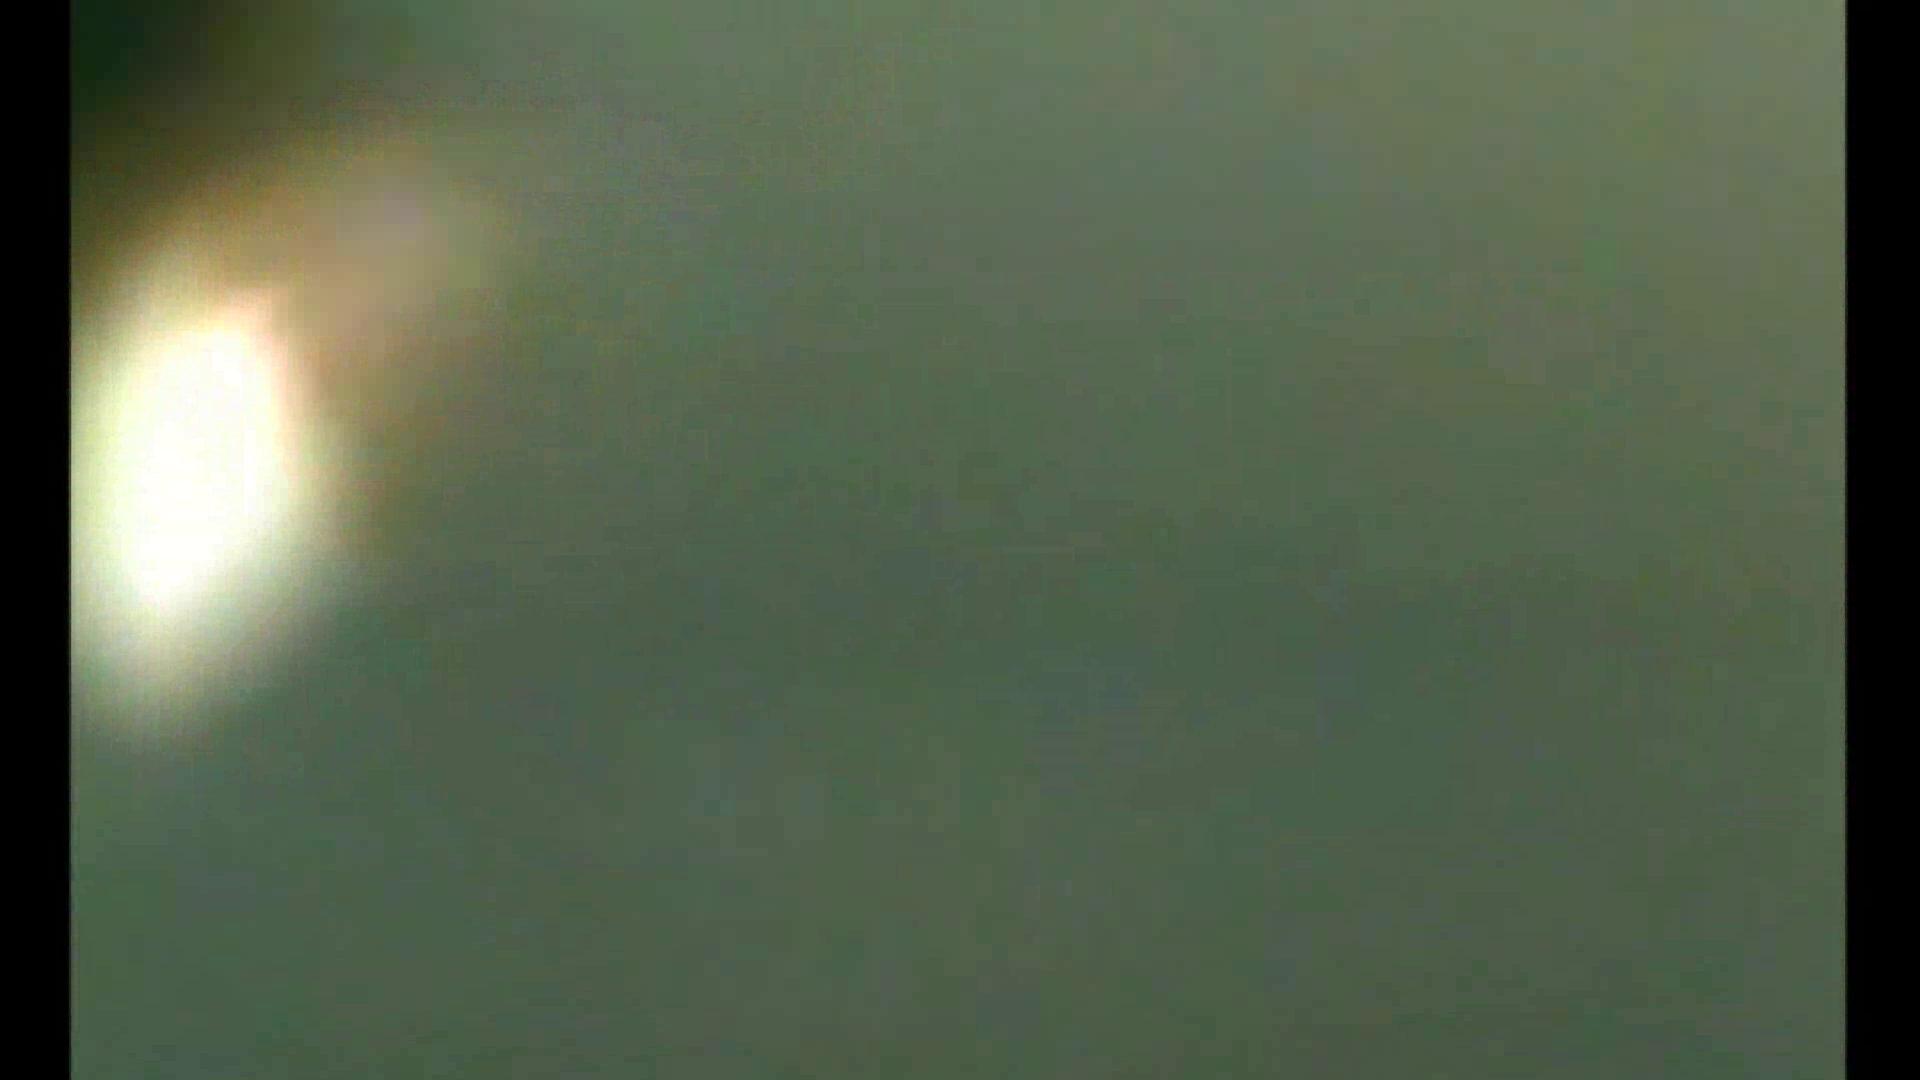 イケメンの素顔in洗面所 Vol.17 おしっこ | イケメンのsex  58pic 43